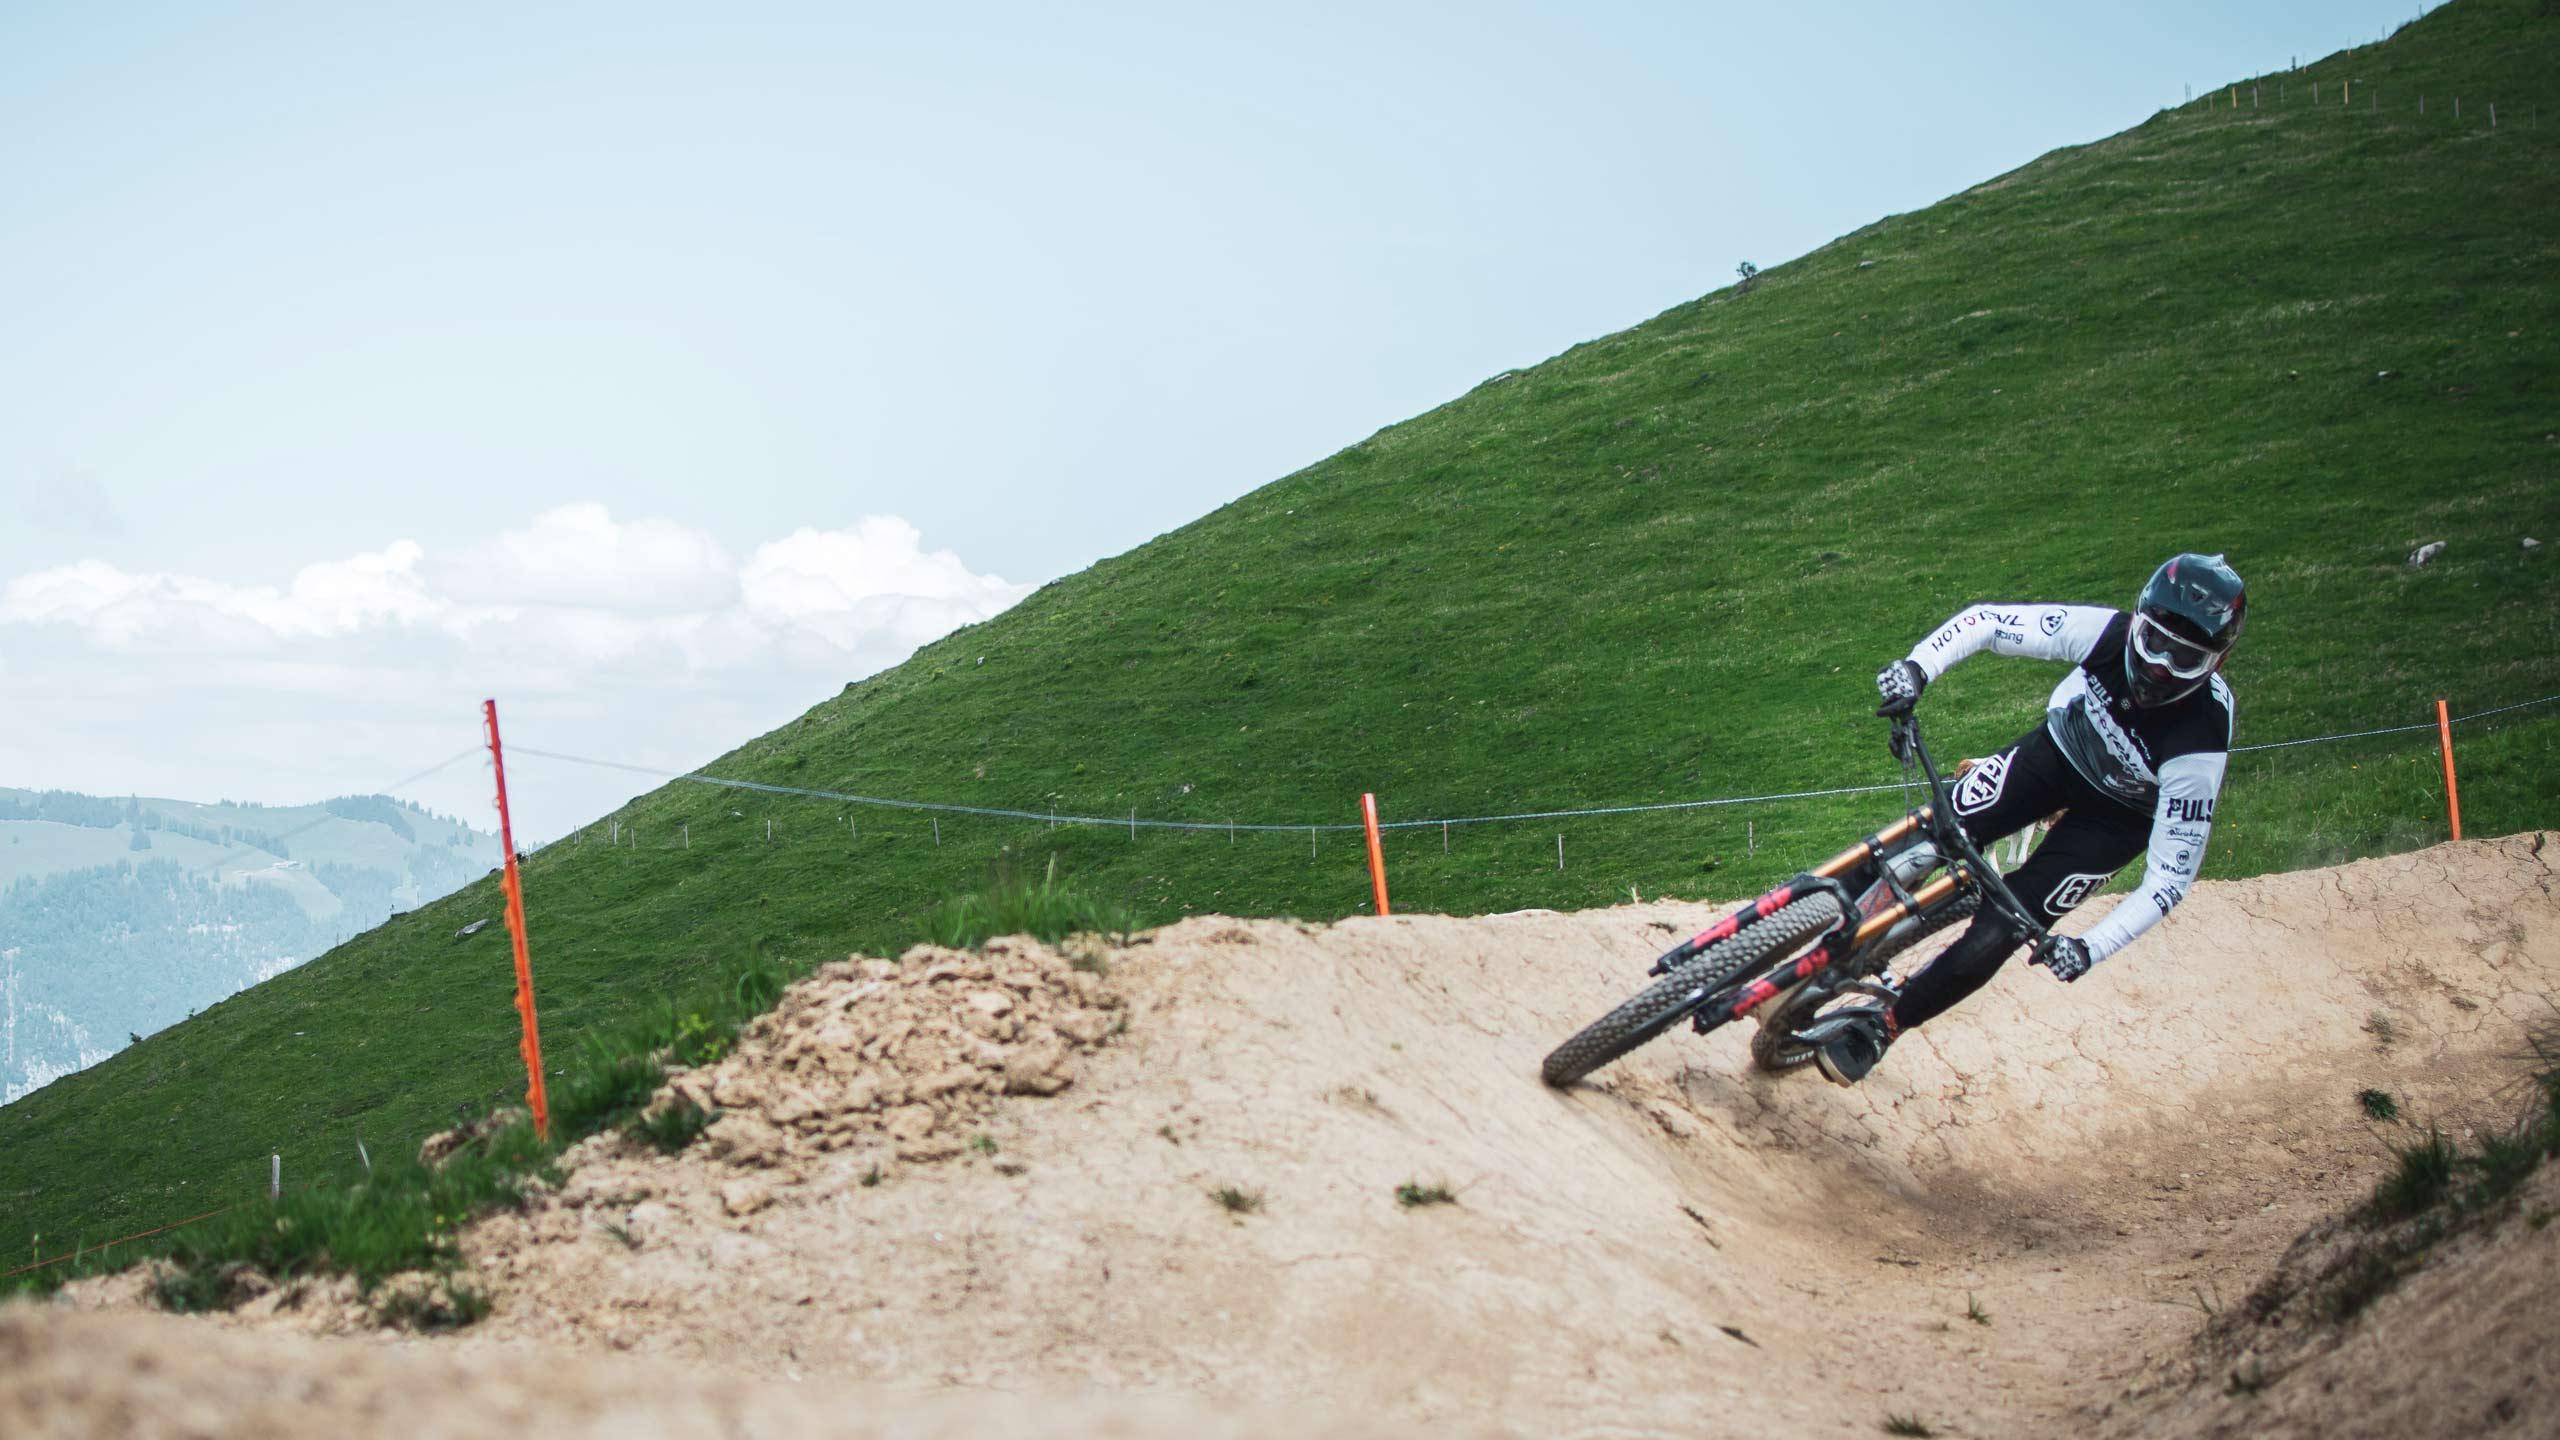 downhill-bikepark-wiriehorn-biker-auf-talfahrt-wiese-kurve.jpg